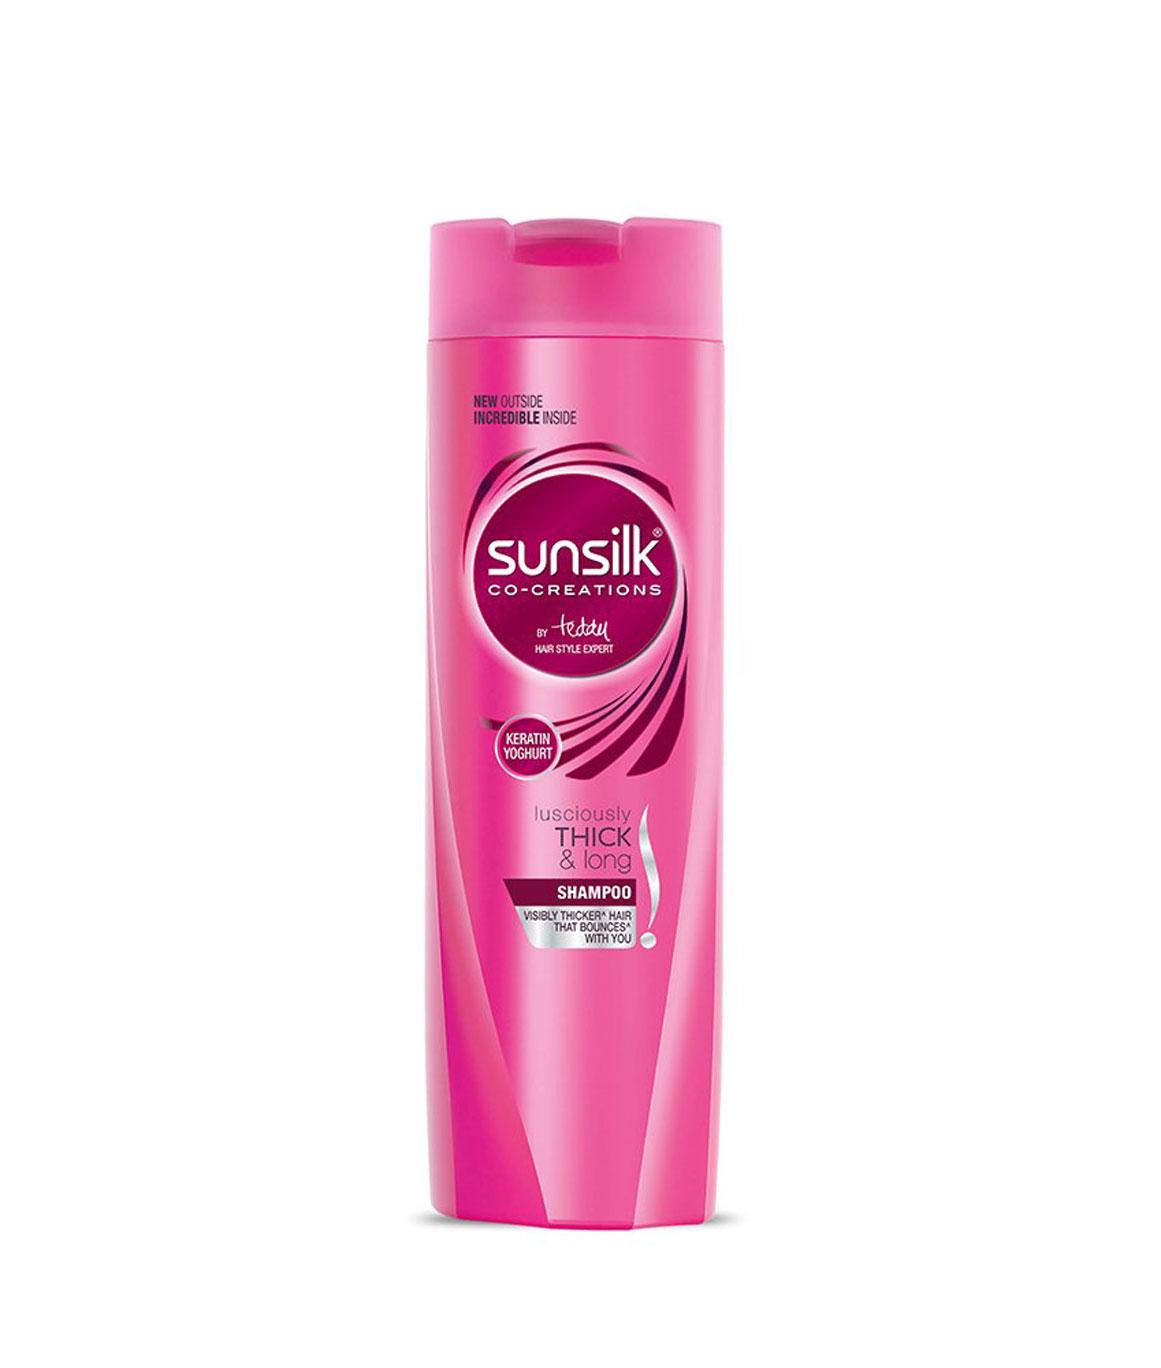 Sunsilk Lusciously Thick and Long Shampoo, 180ml